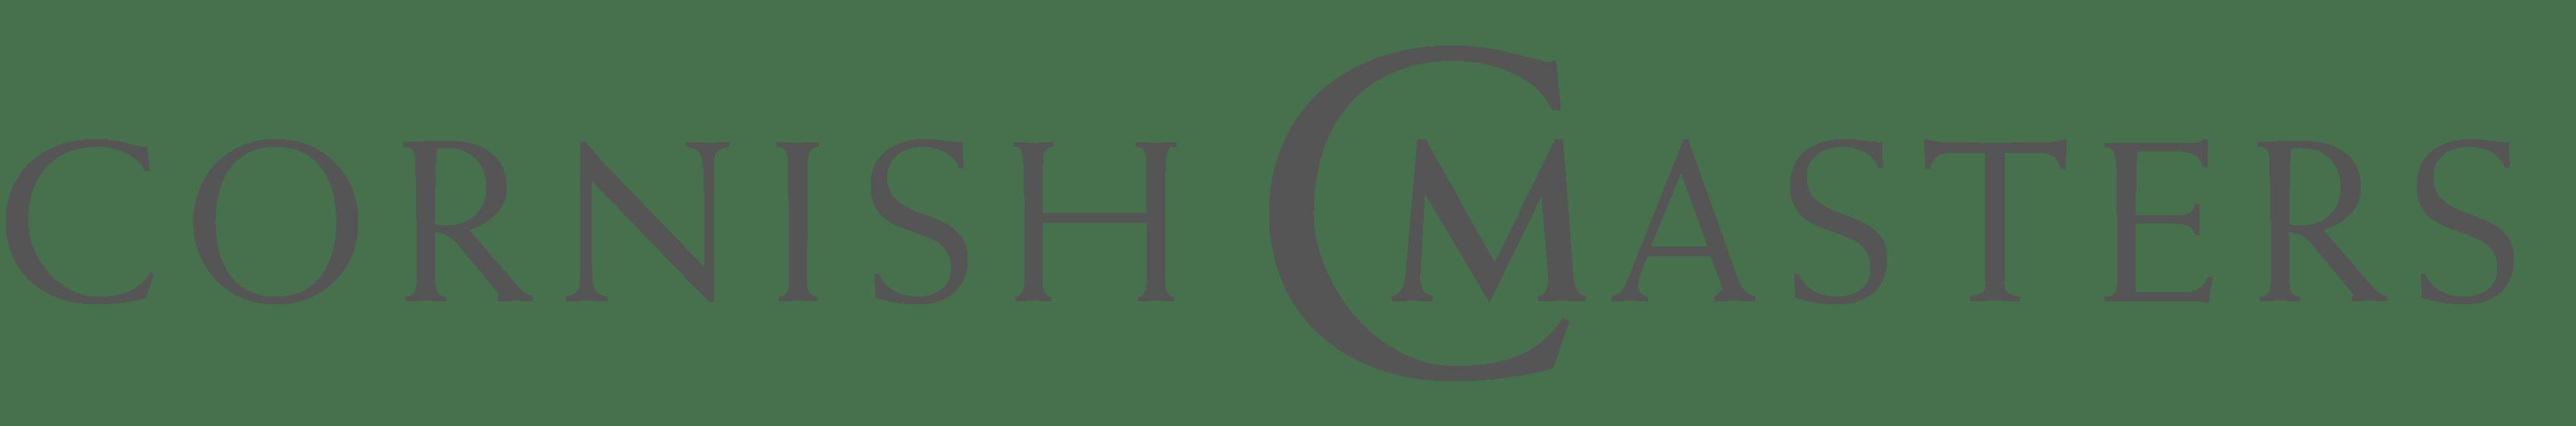 Cornish Masters company logo